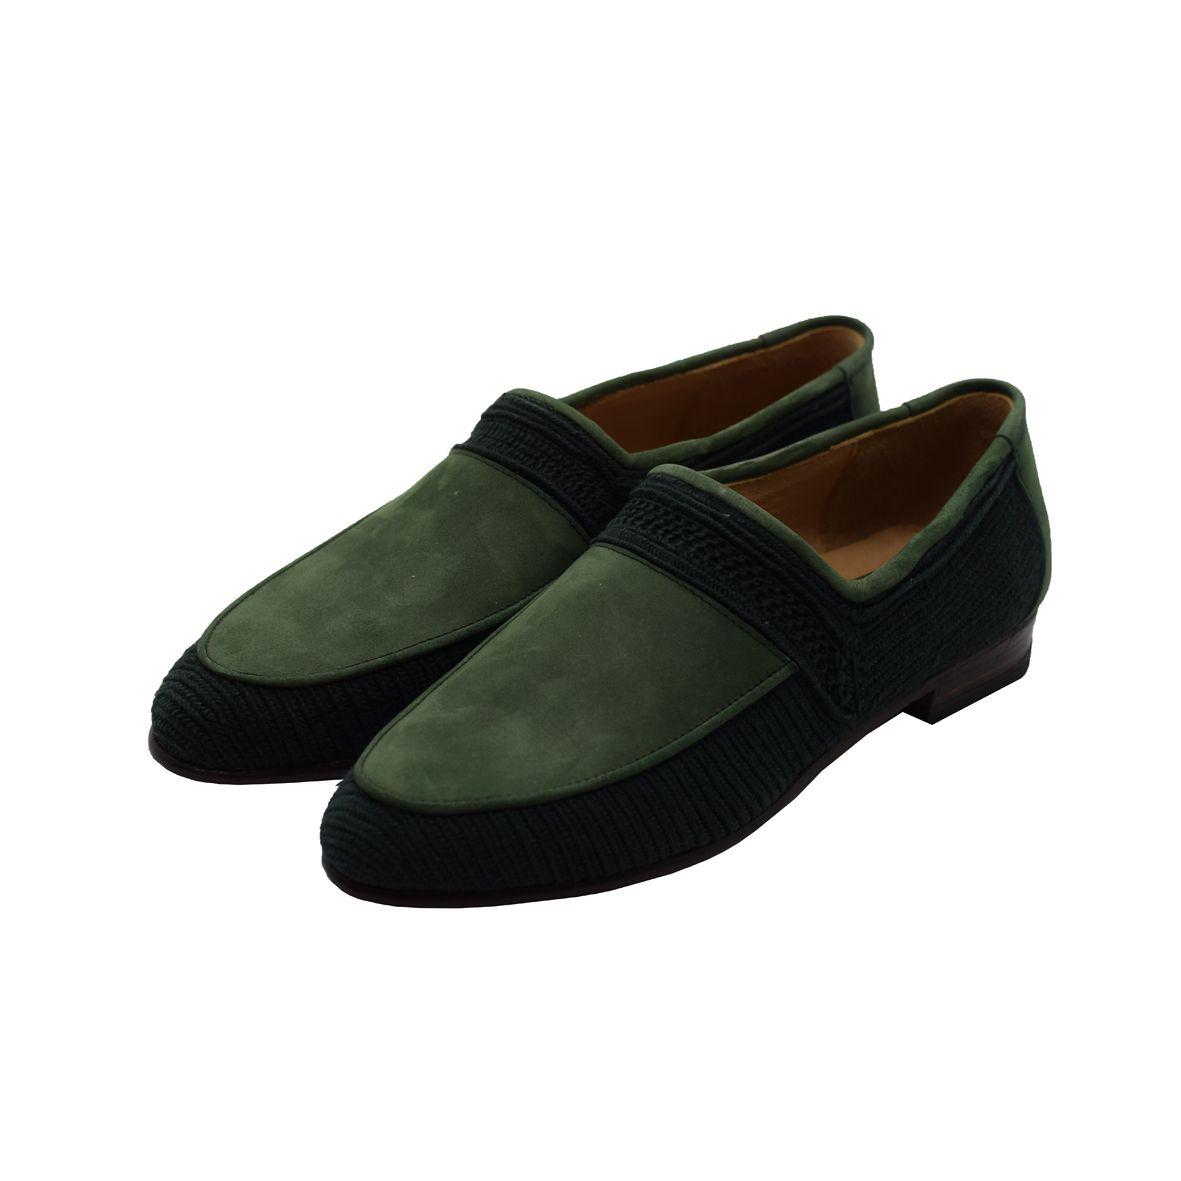 کفش زنانه دگرمان مدل آبان کد deg.1ab1003 -  - 3